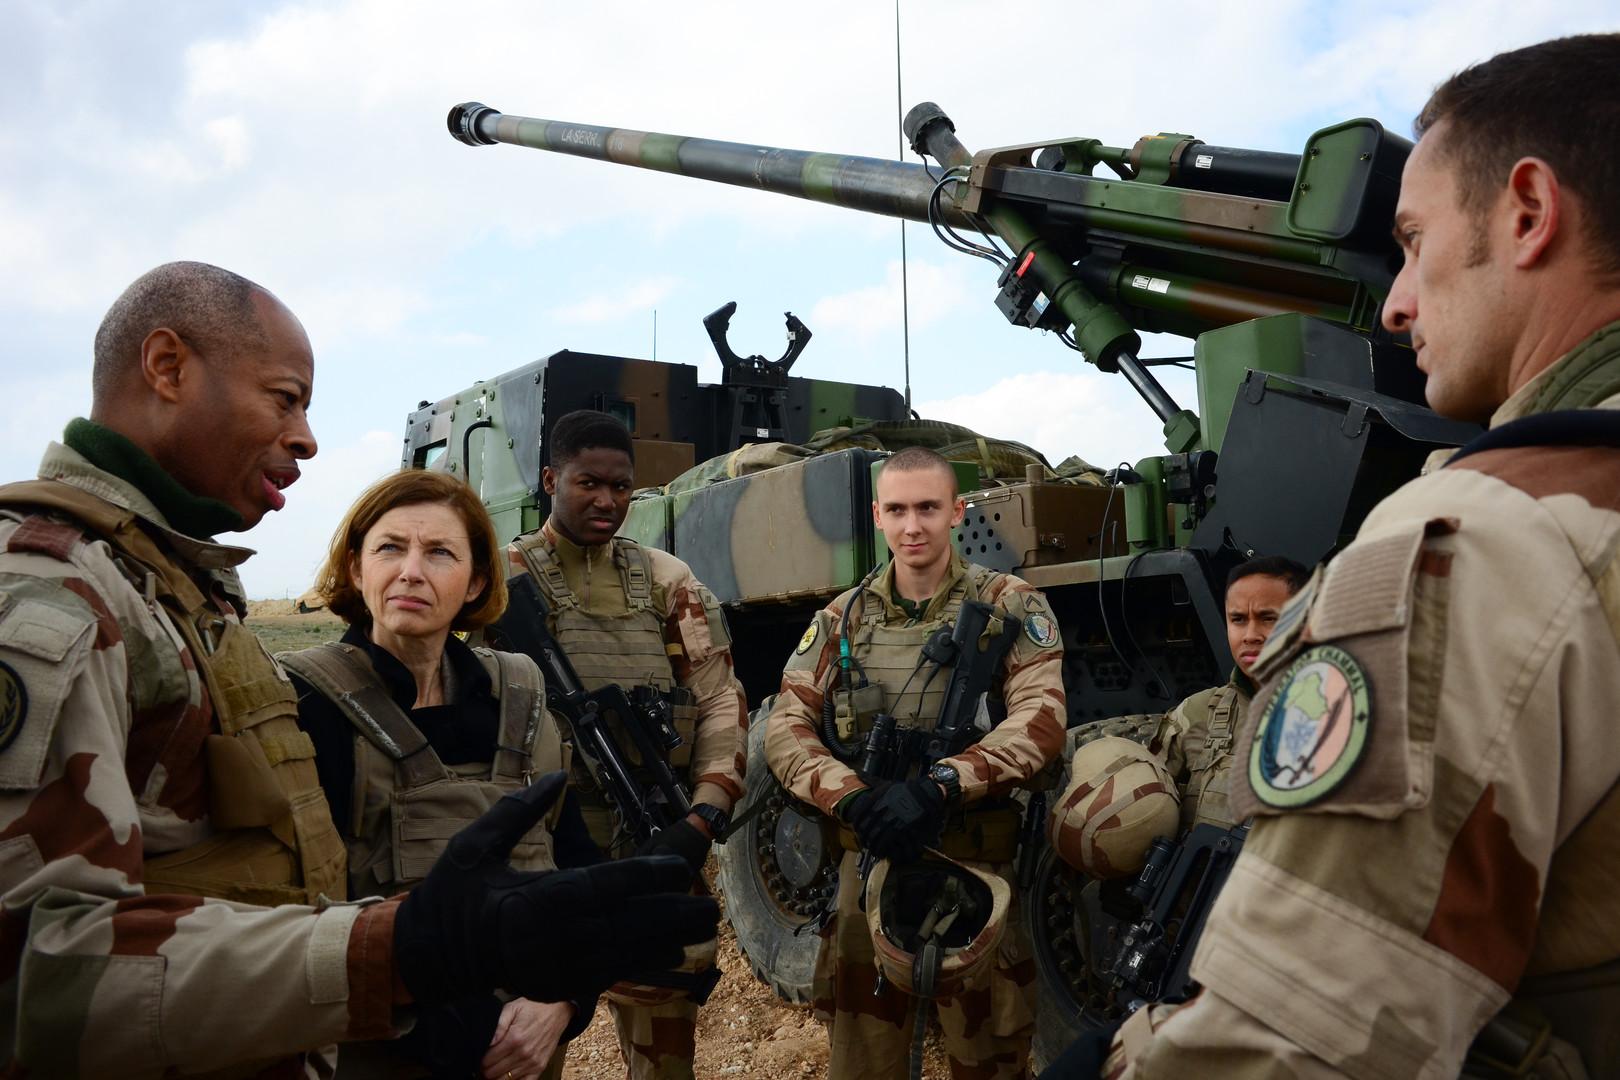 هولاند: سنرسل سلاح مدفعية إلى العراق - صفحة 4 5c602dca95a59718608b4575